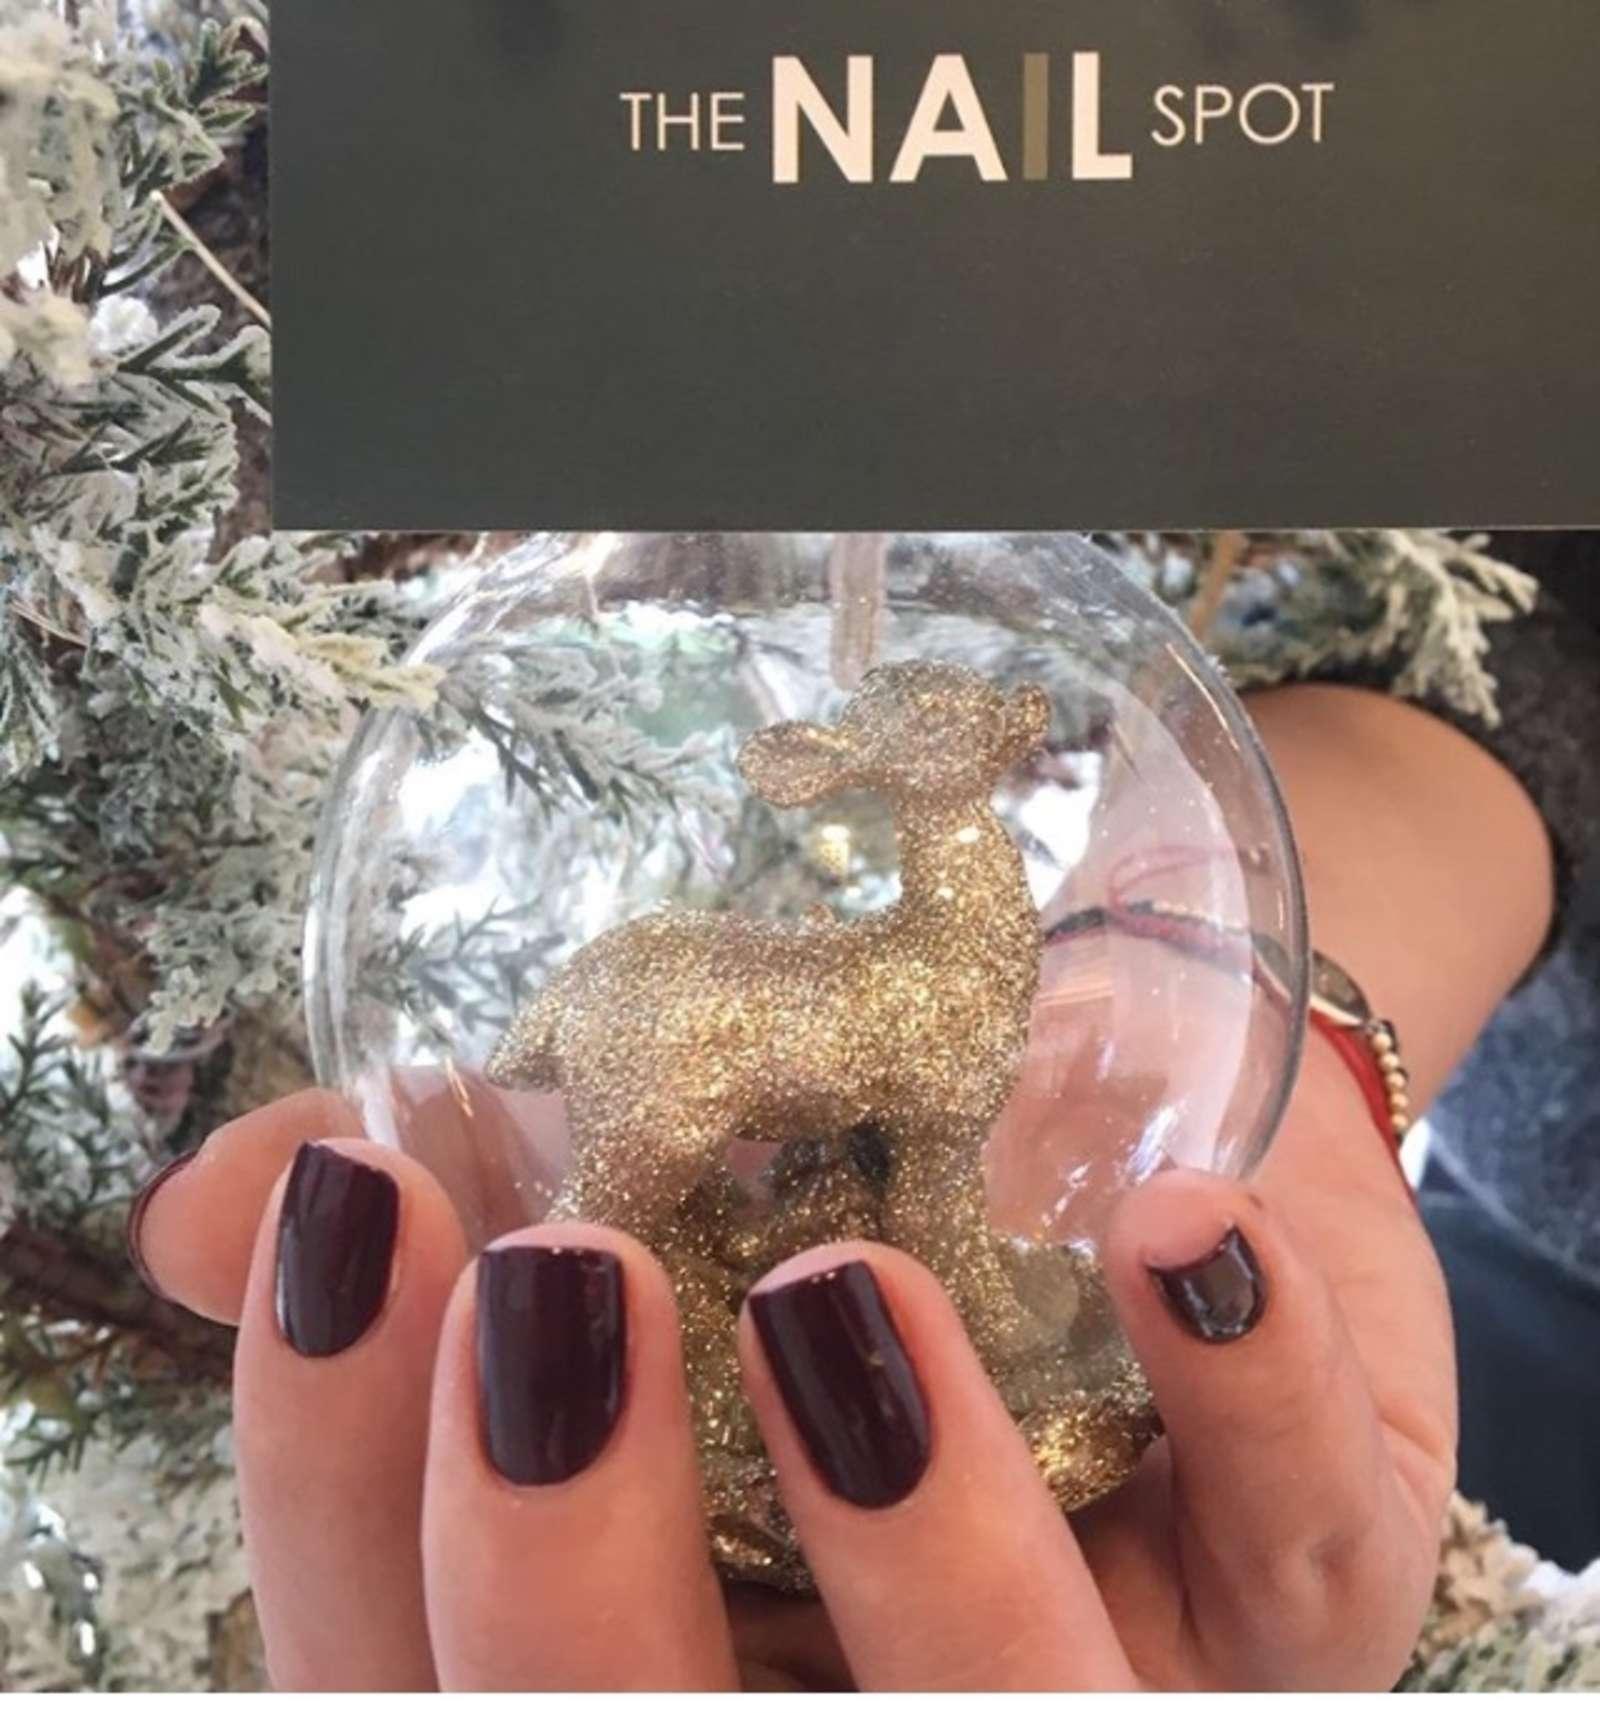 The Nail Spot